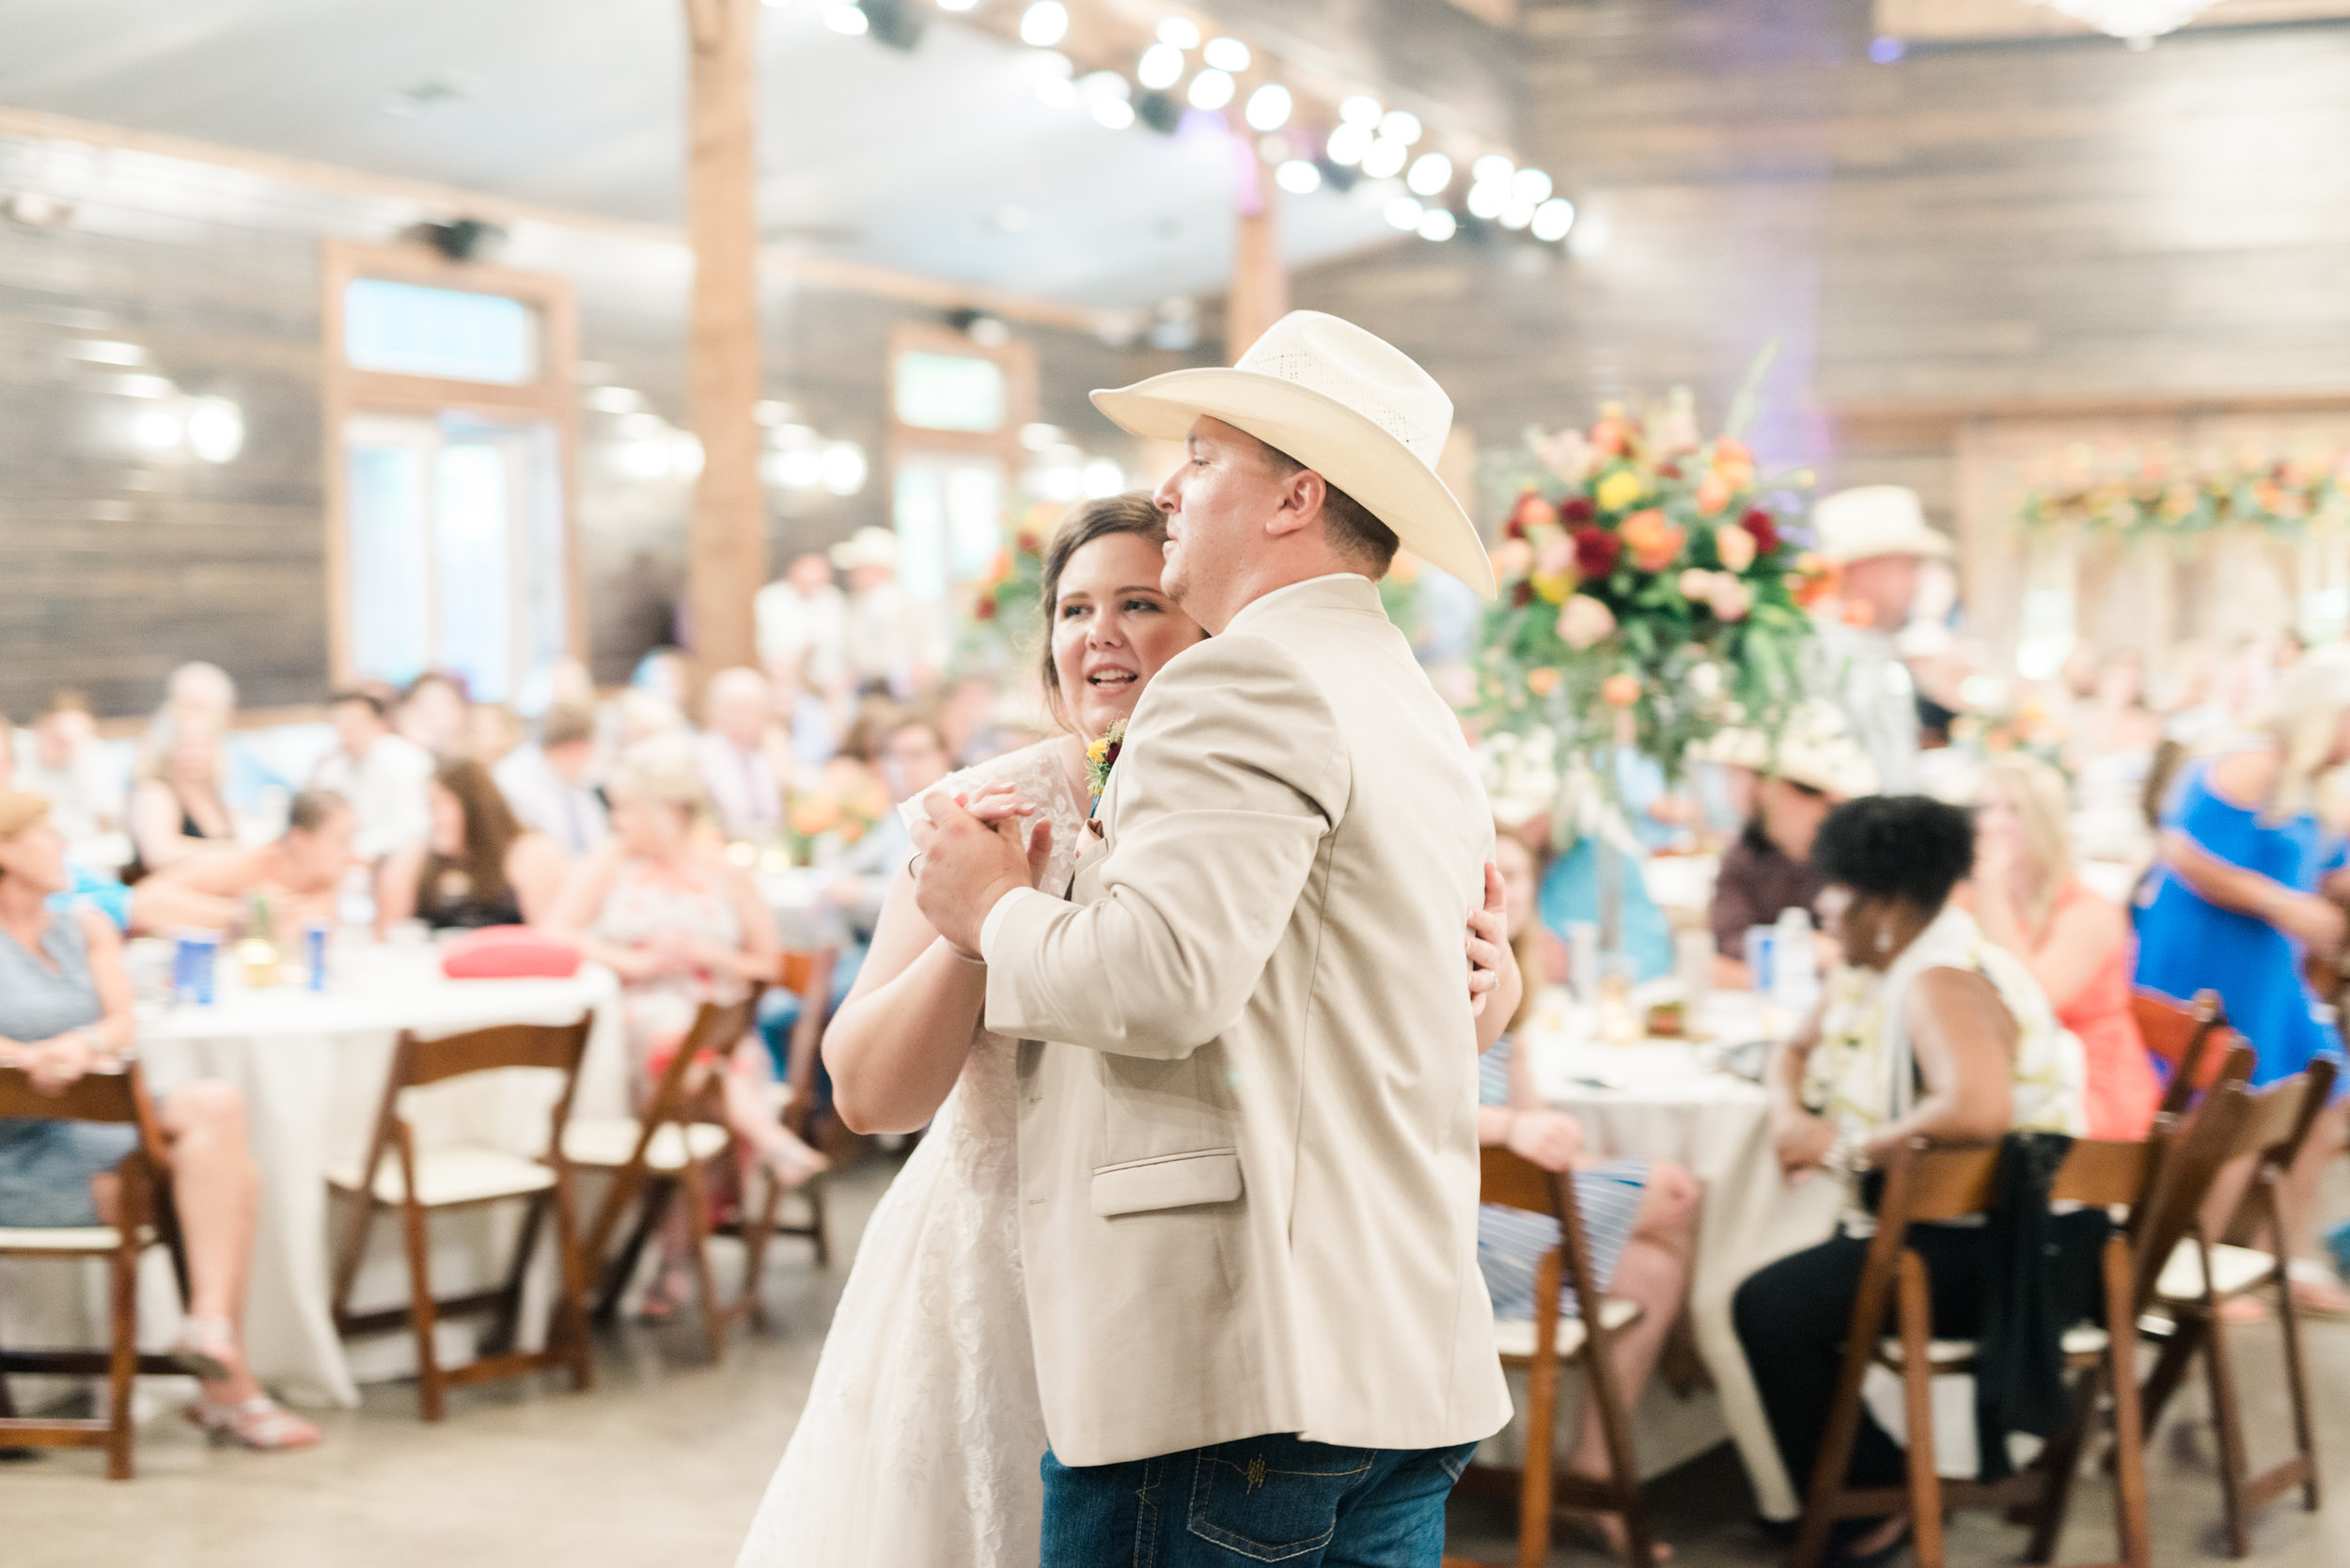 Wesley-Wedding-Ten23-Photography-670.jpg